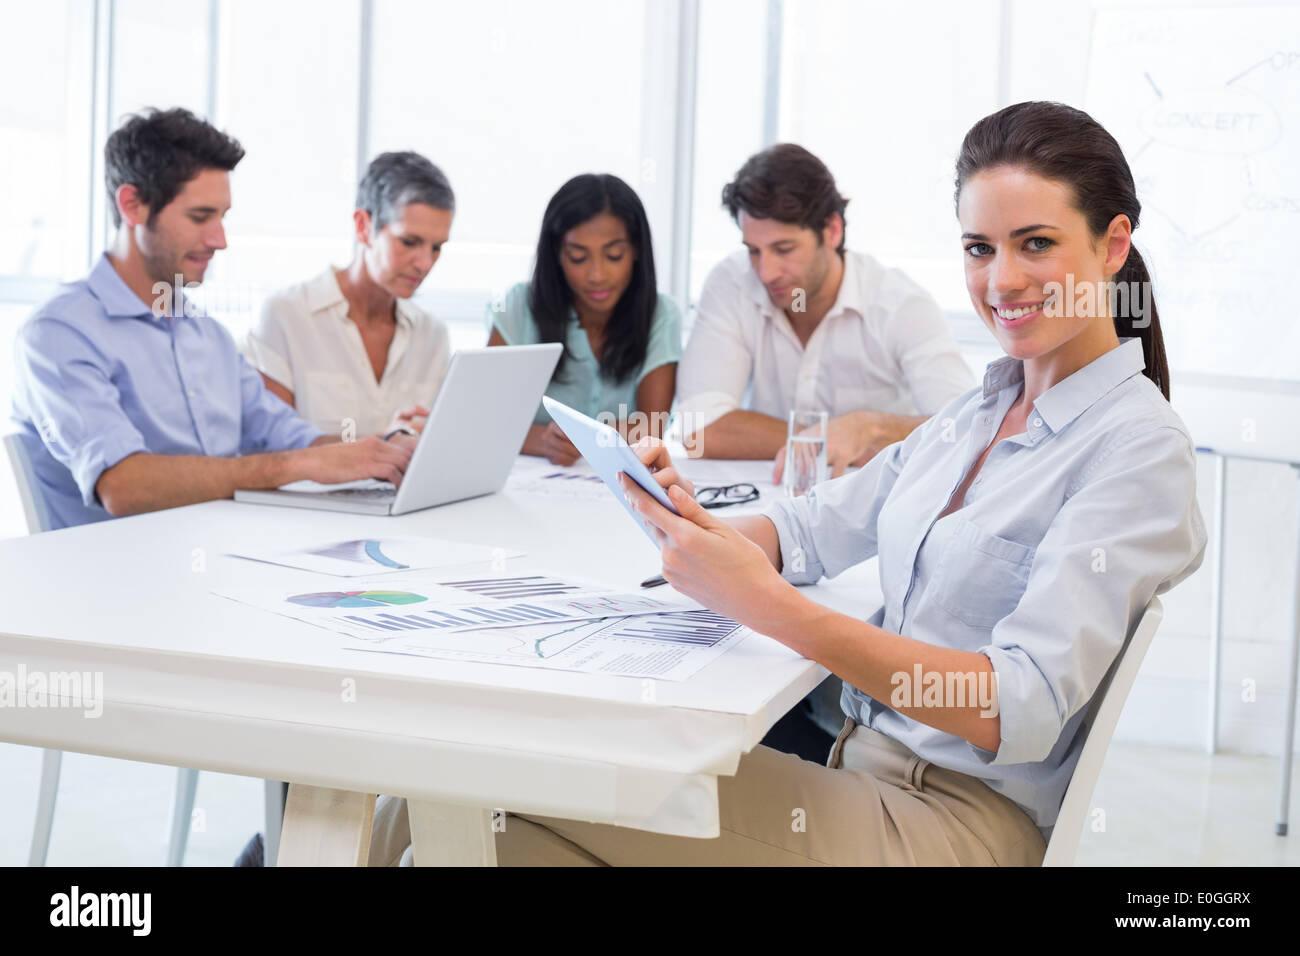 Joli portrait à l'aide d'appareil tablette dans réunion d'affaires Photo Stock